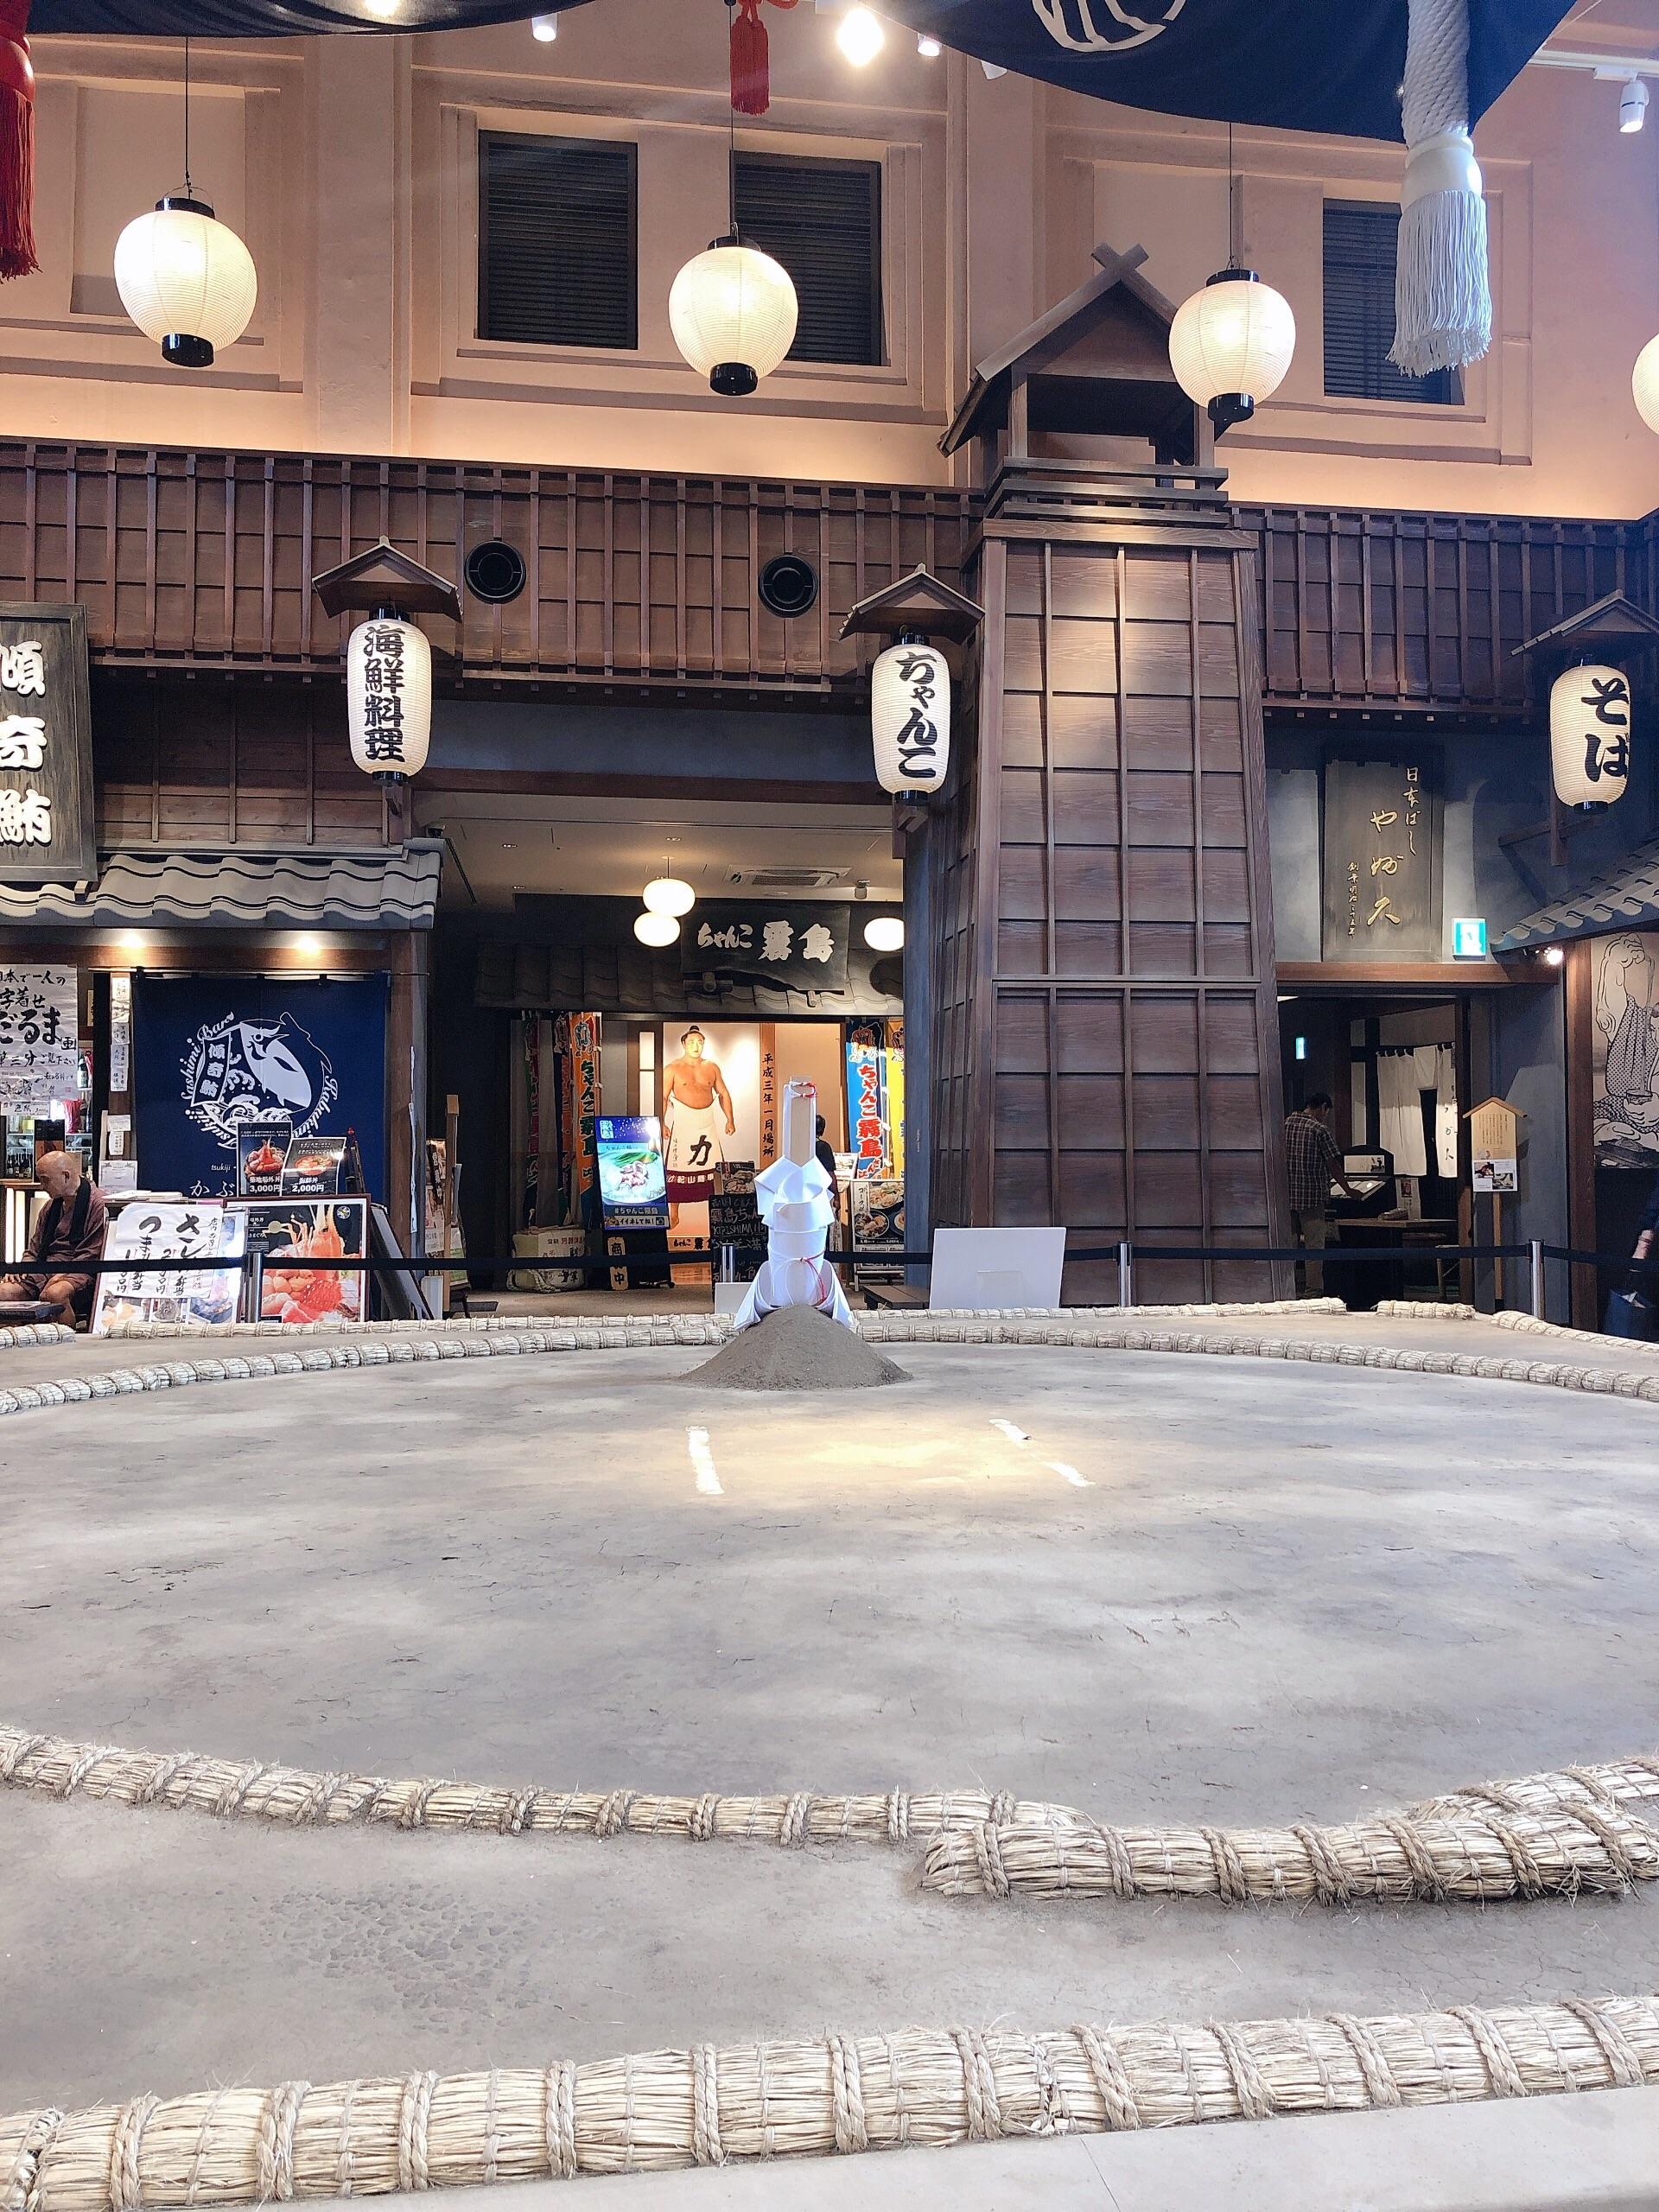 f:id:yurumani:20190911141923j:image